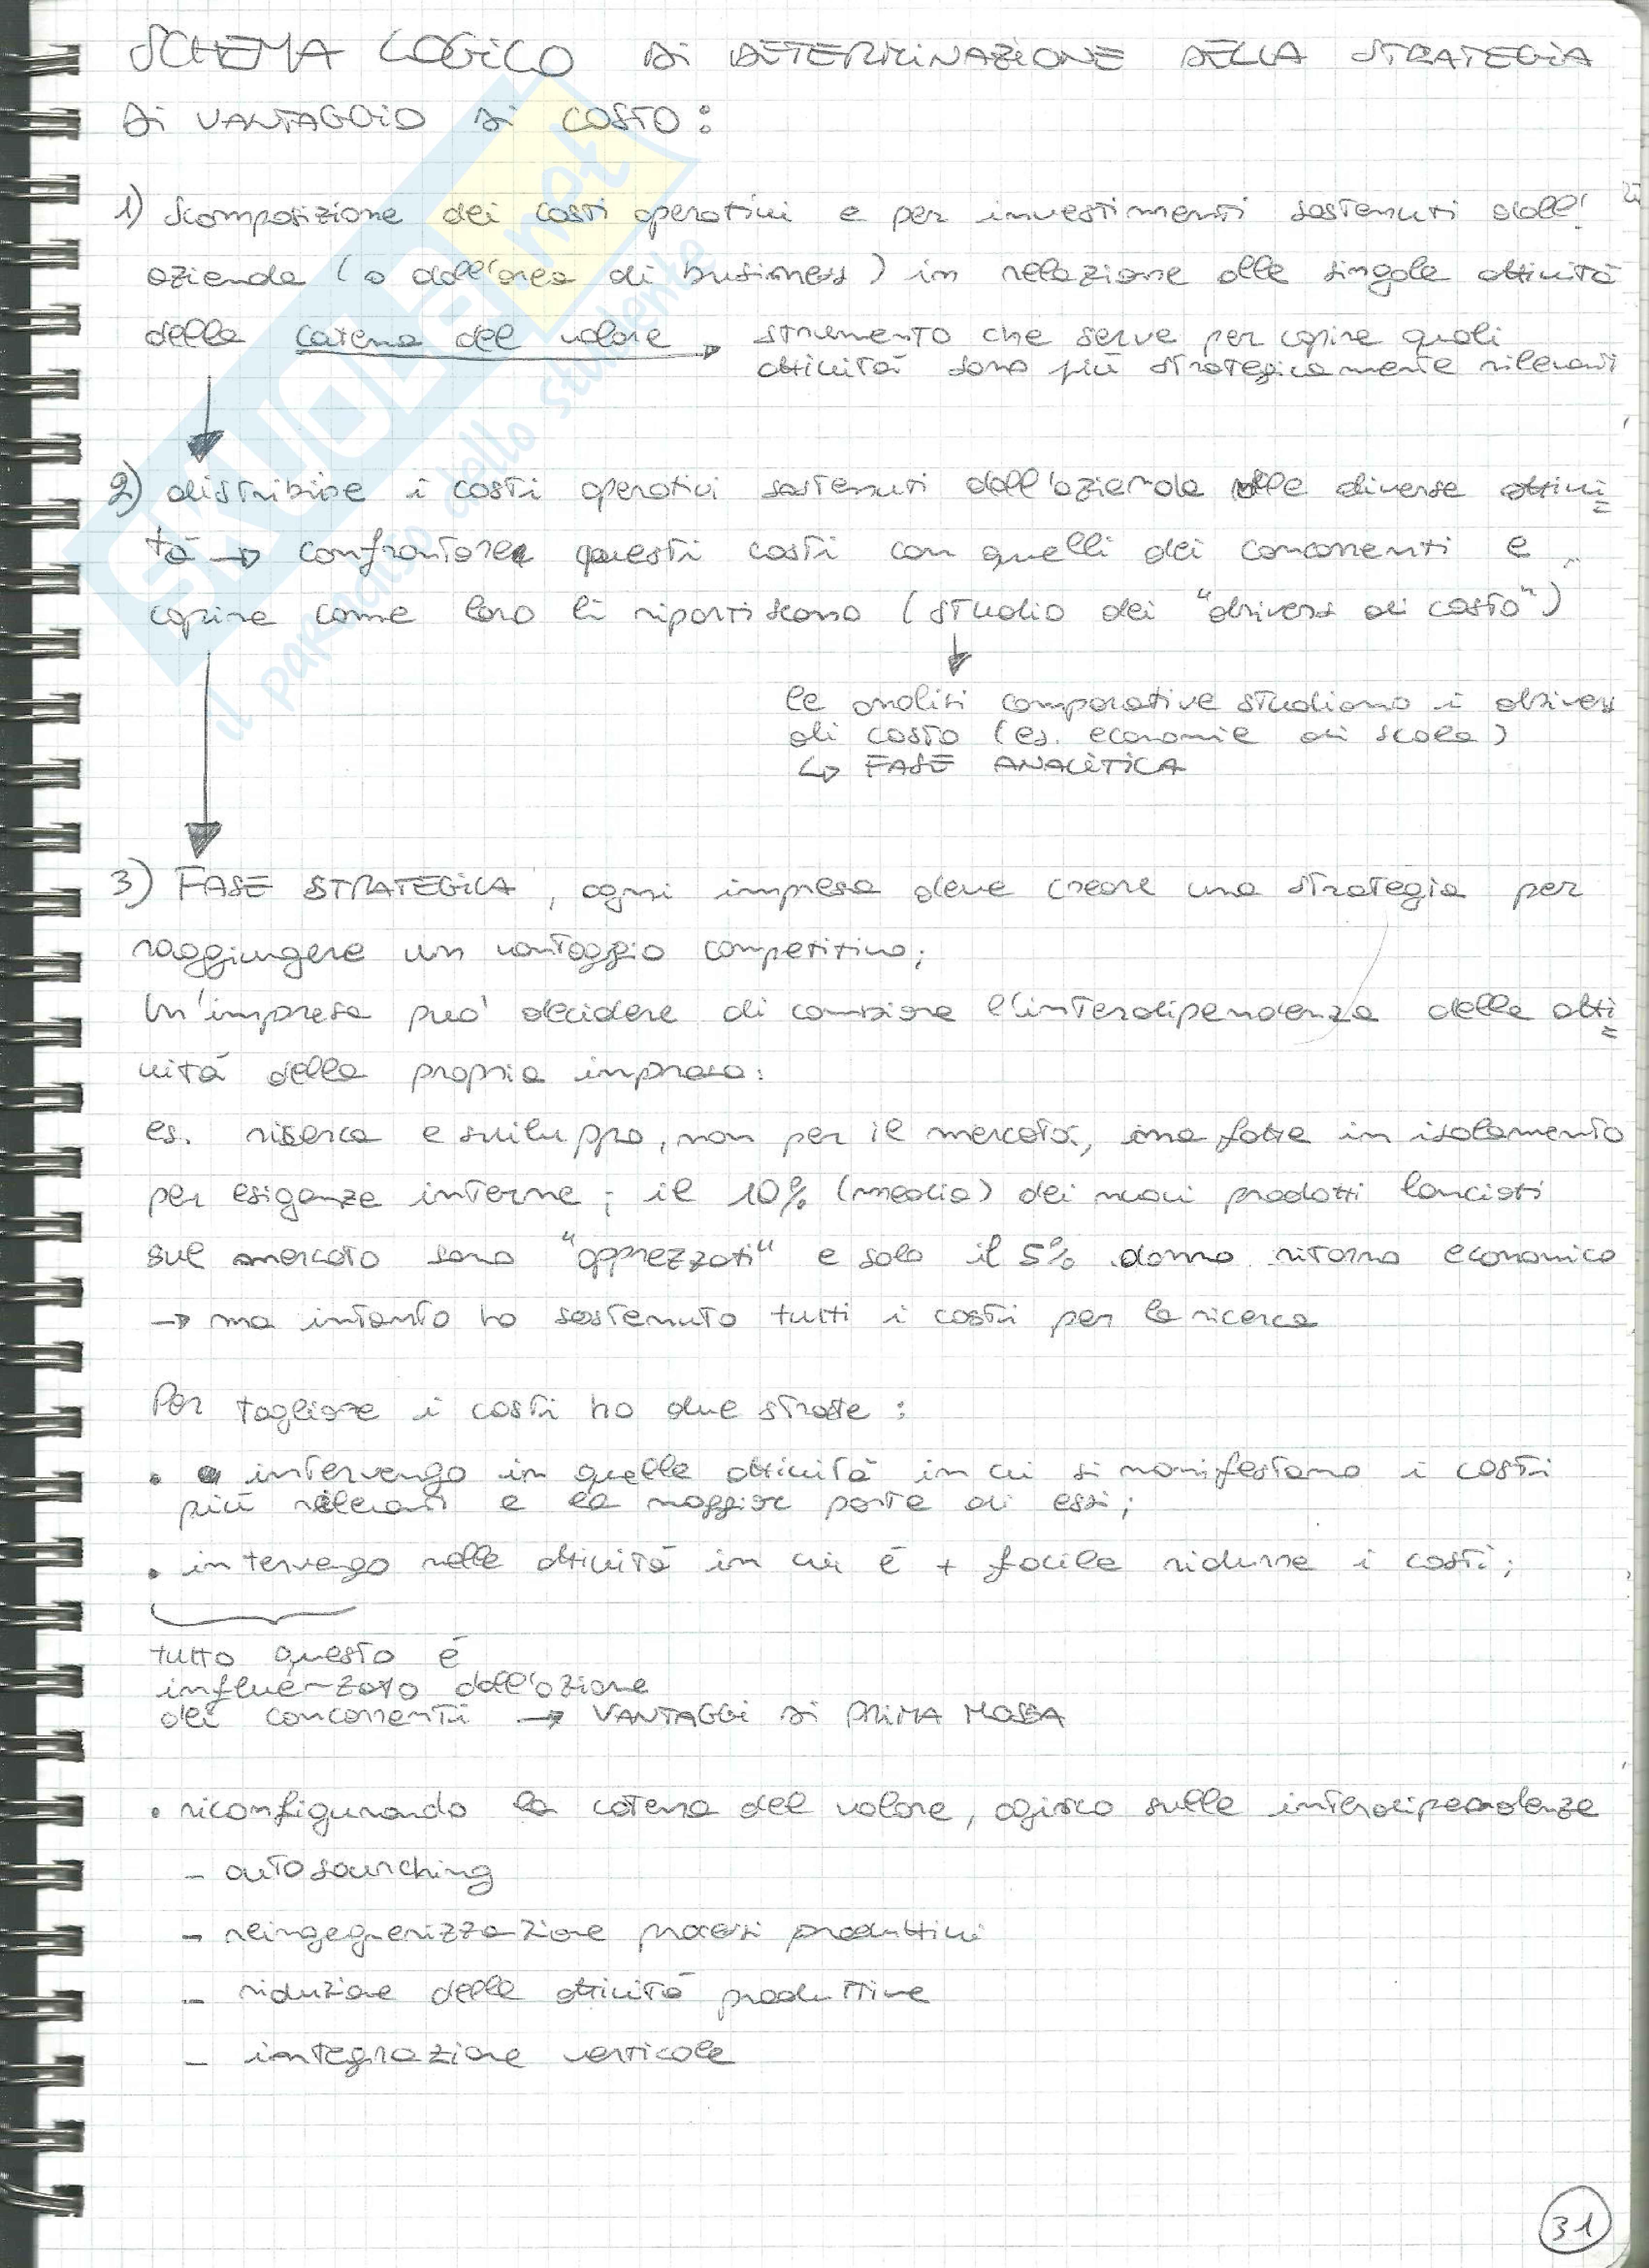 Riassunto esame Economia e Gestione delle Imprese, prof. Gianluca Marchi Pag. 31